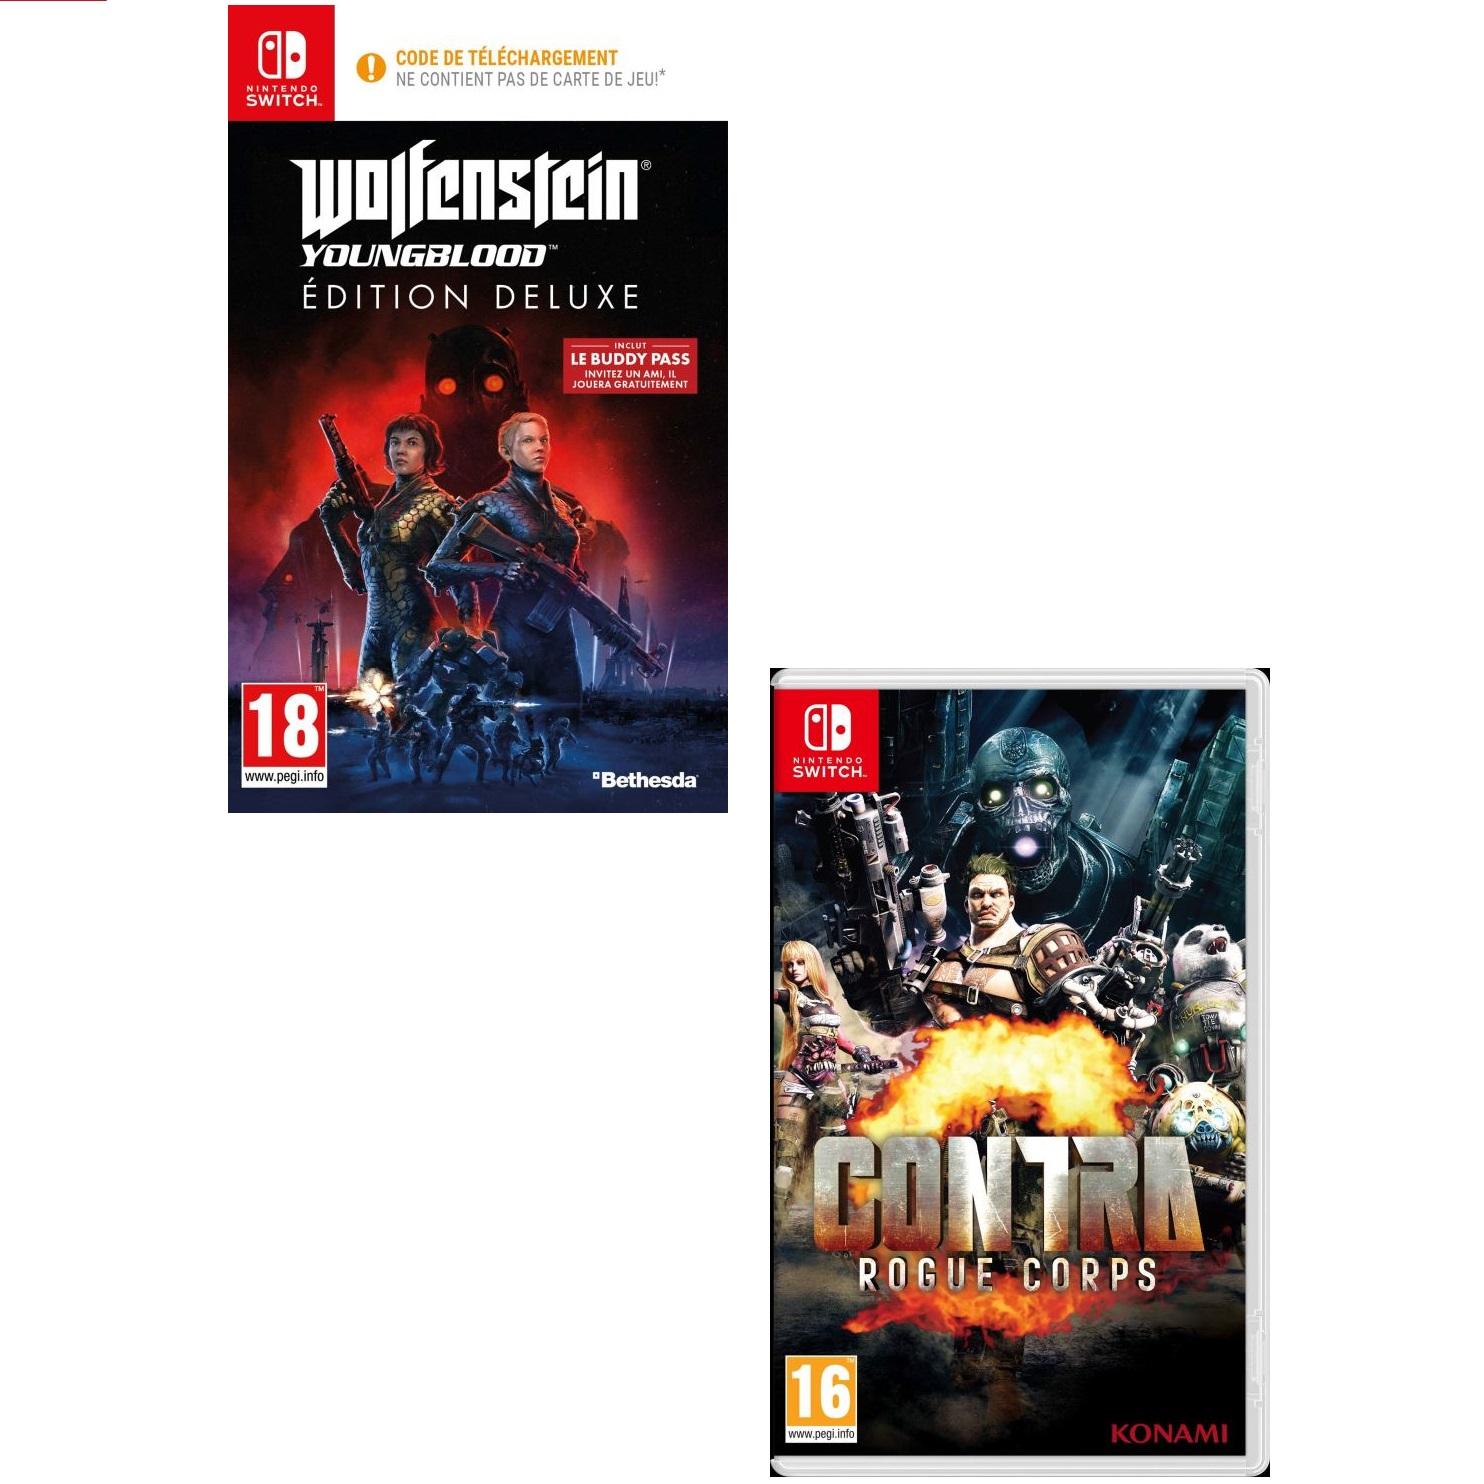 Sélection de jeux Nintendo Switch en promotion - Ex : Wolfenstein : Youngblood - Deluxe Edition ou Contra : Rogue Corps